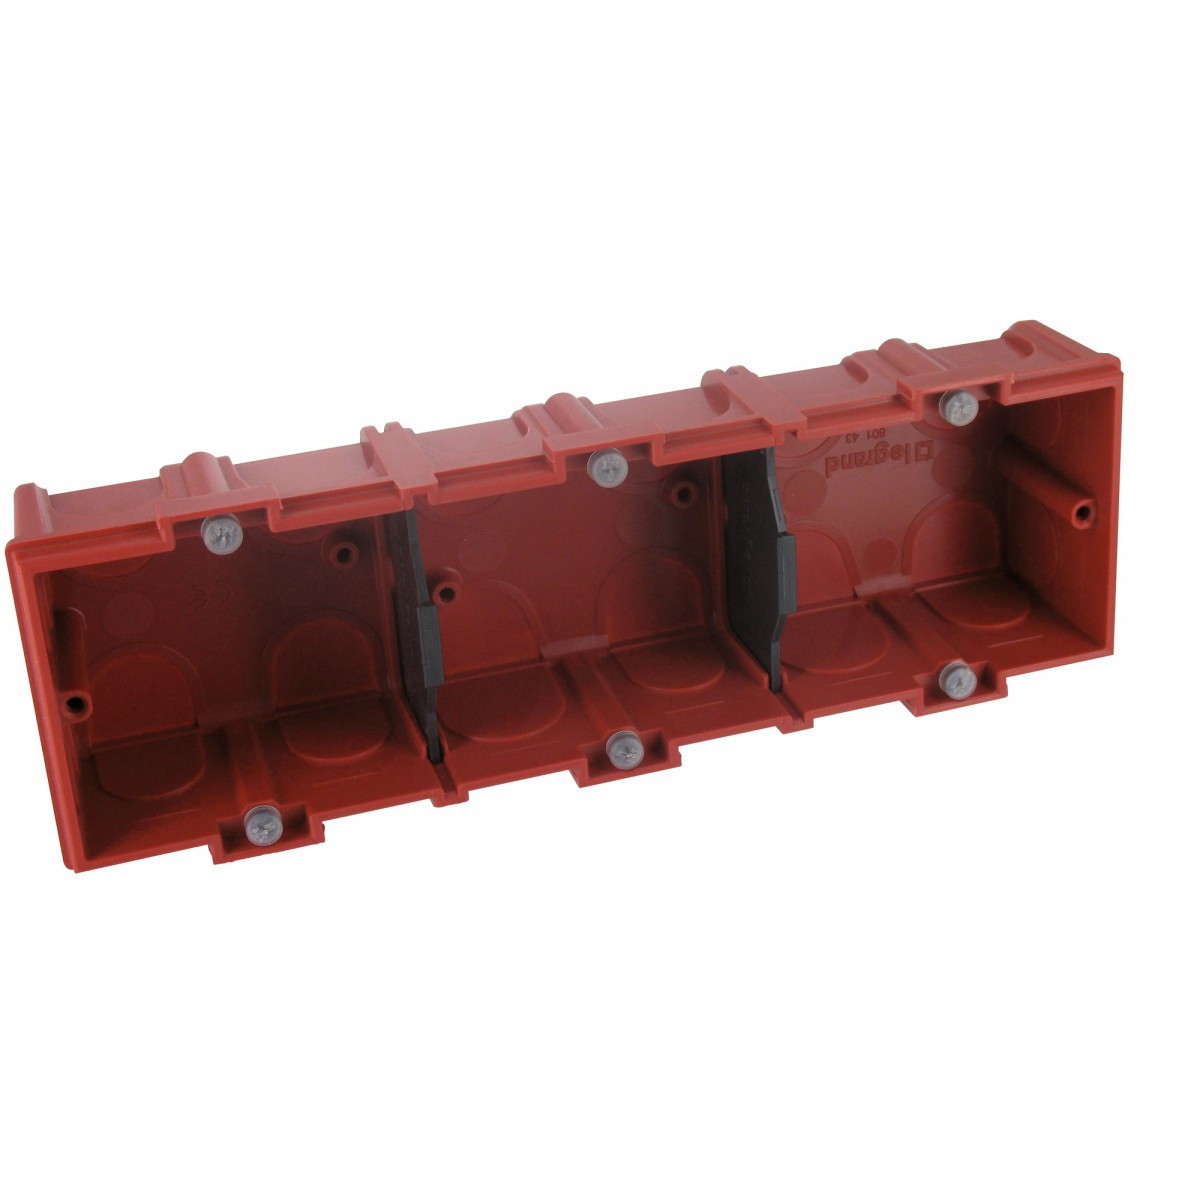 Boîte maçonnerie Legrand - 3 postes - Profondeur 40 mm